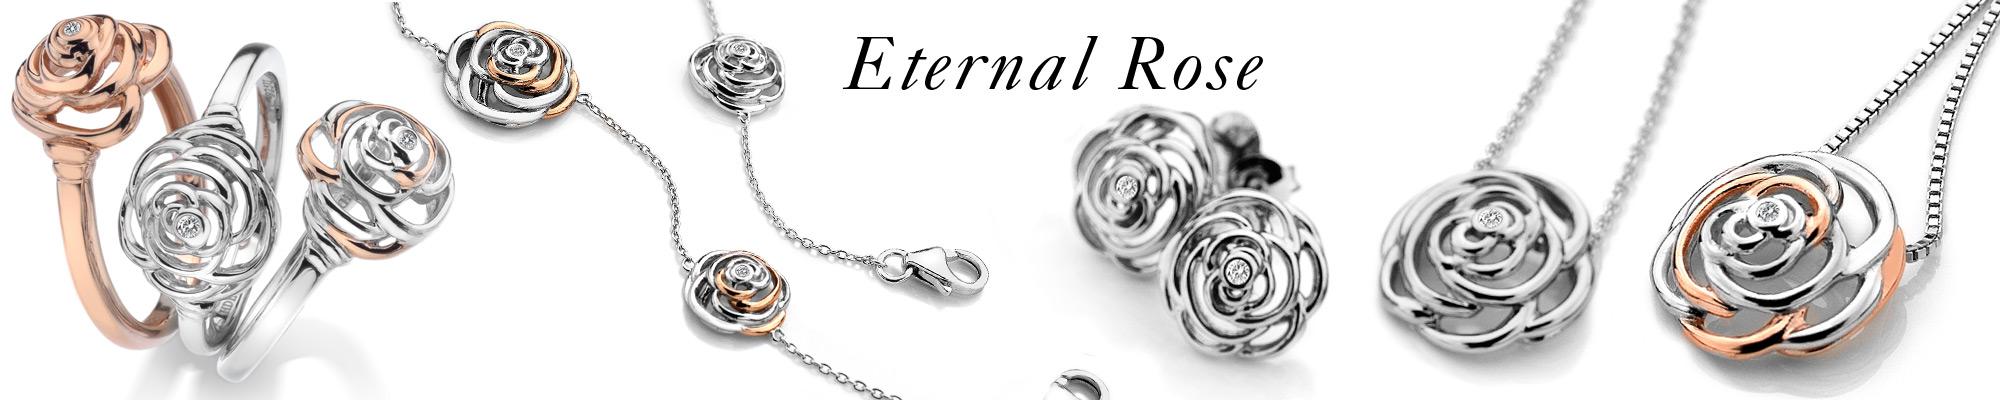 Kolekce Eternal Rose